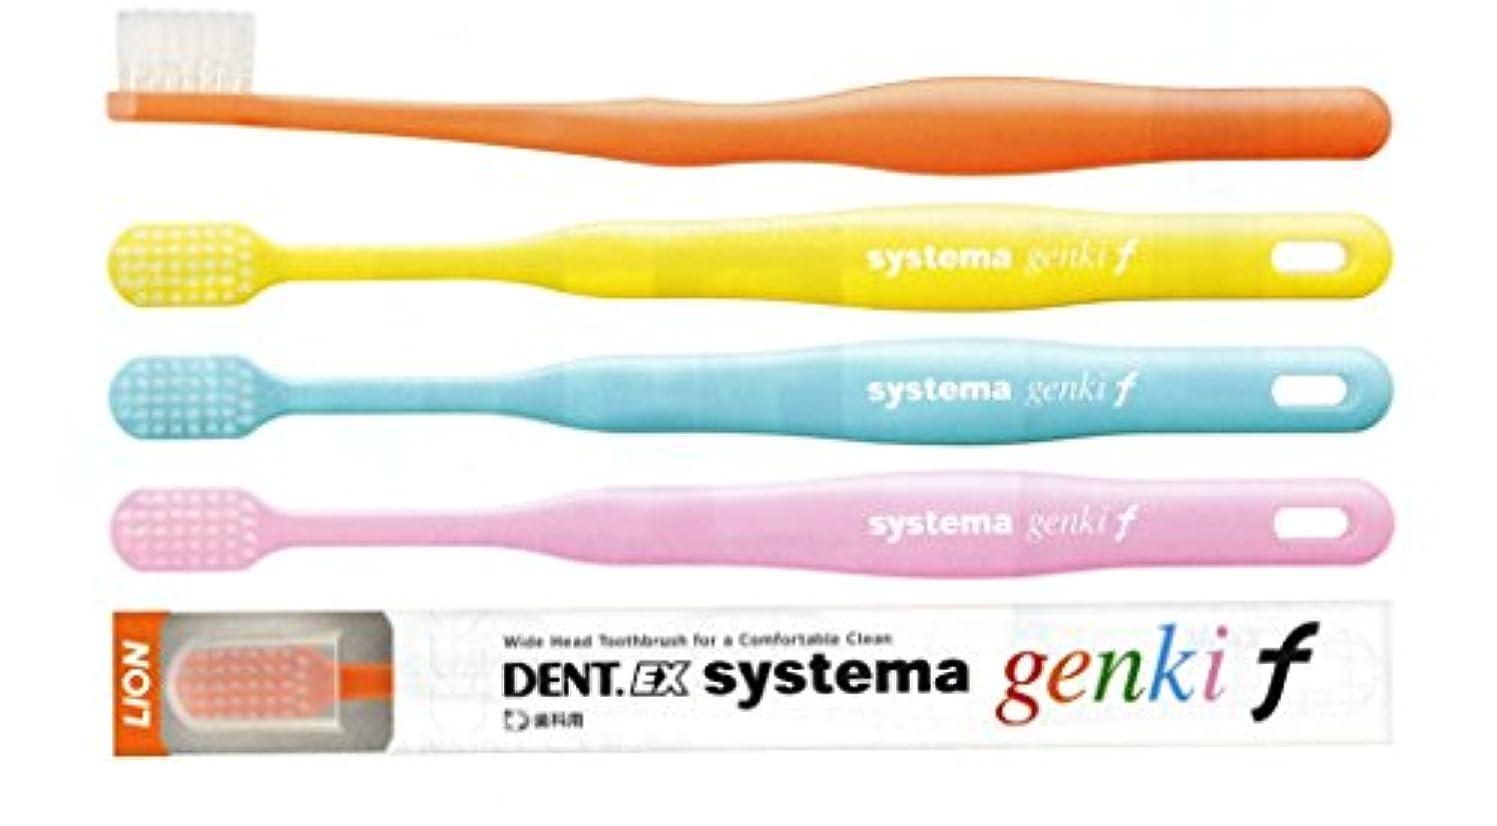 値する論文未使用ライオン システマ ゲンキ エフ DENT . EX systema genki f 1本 サマーイエロー